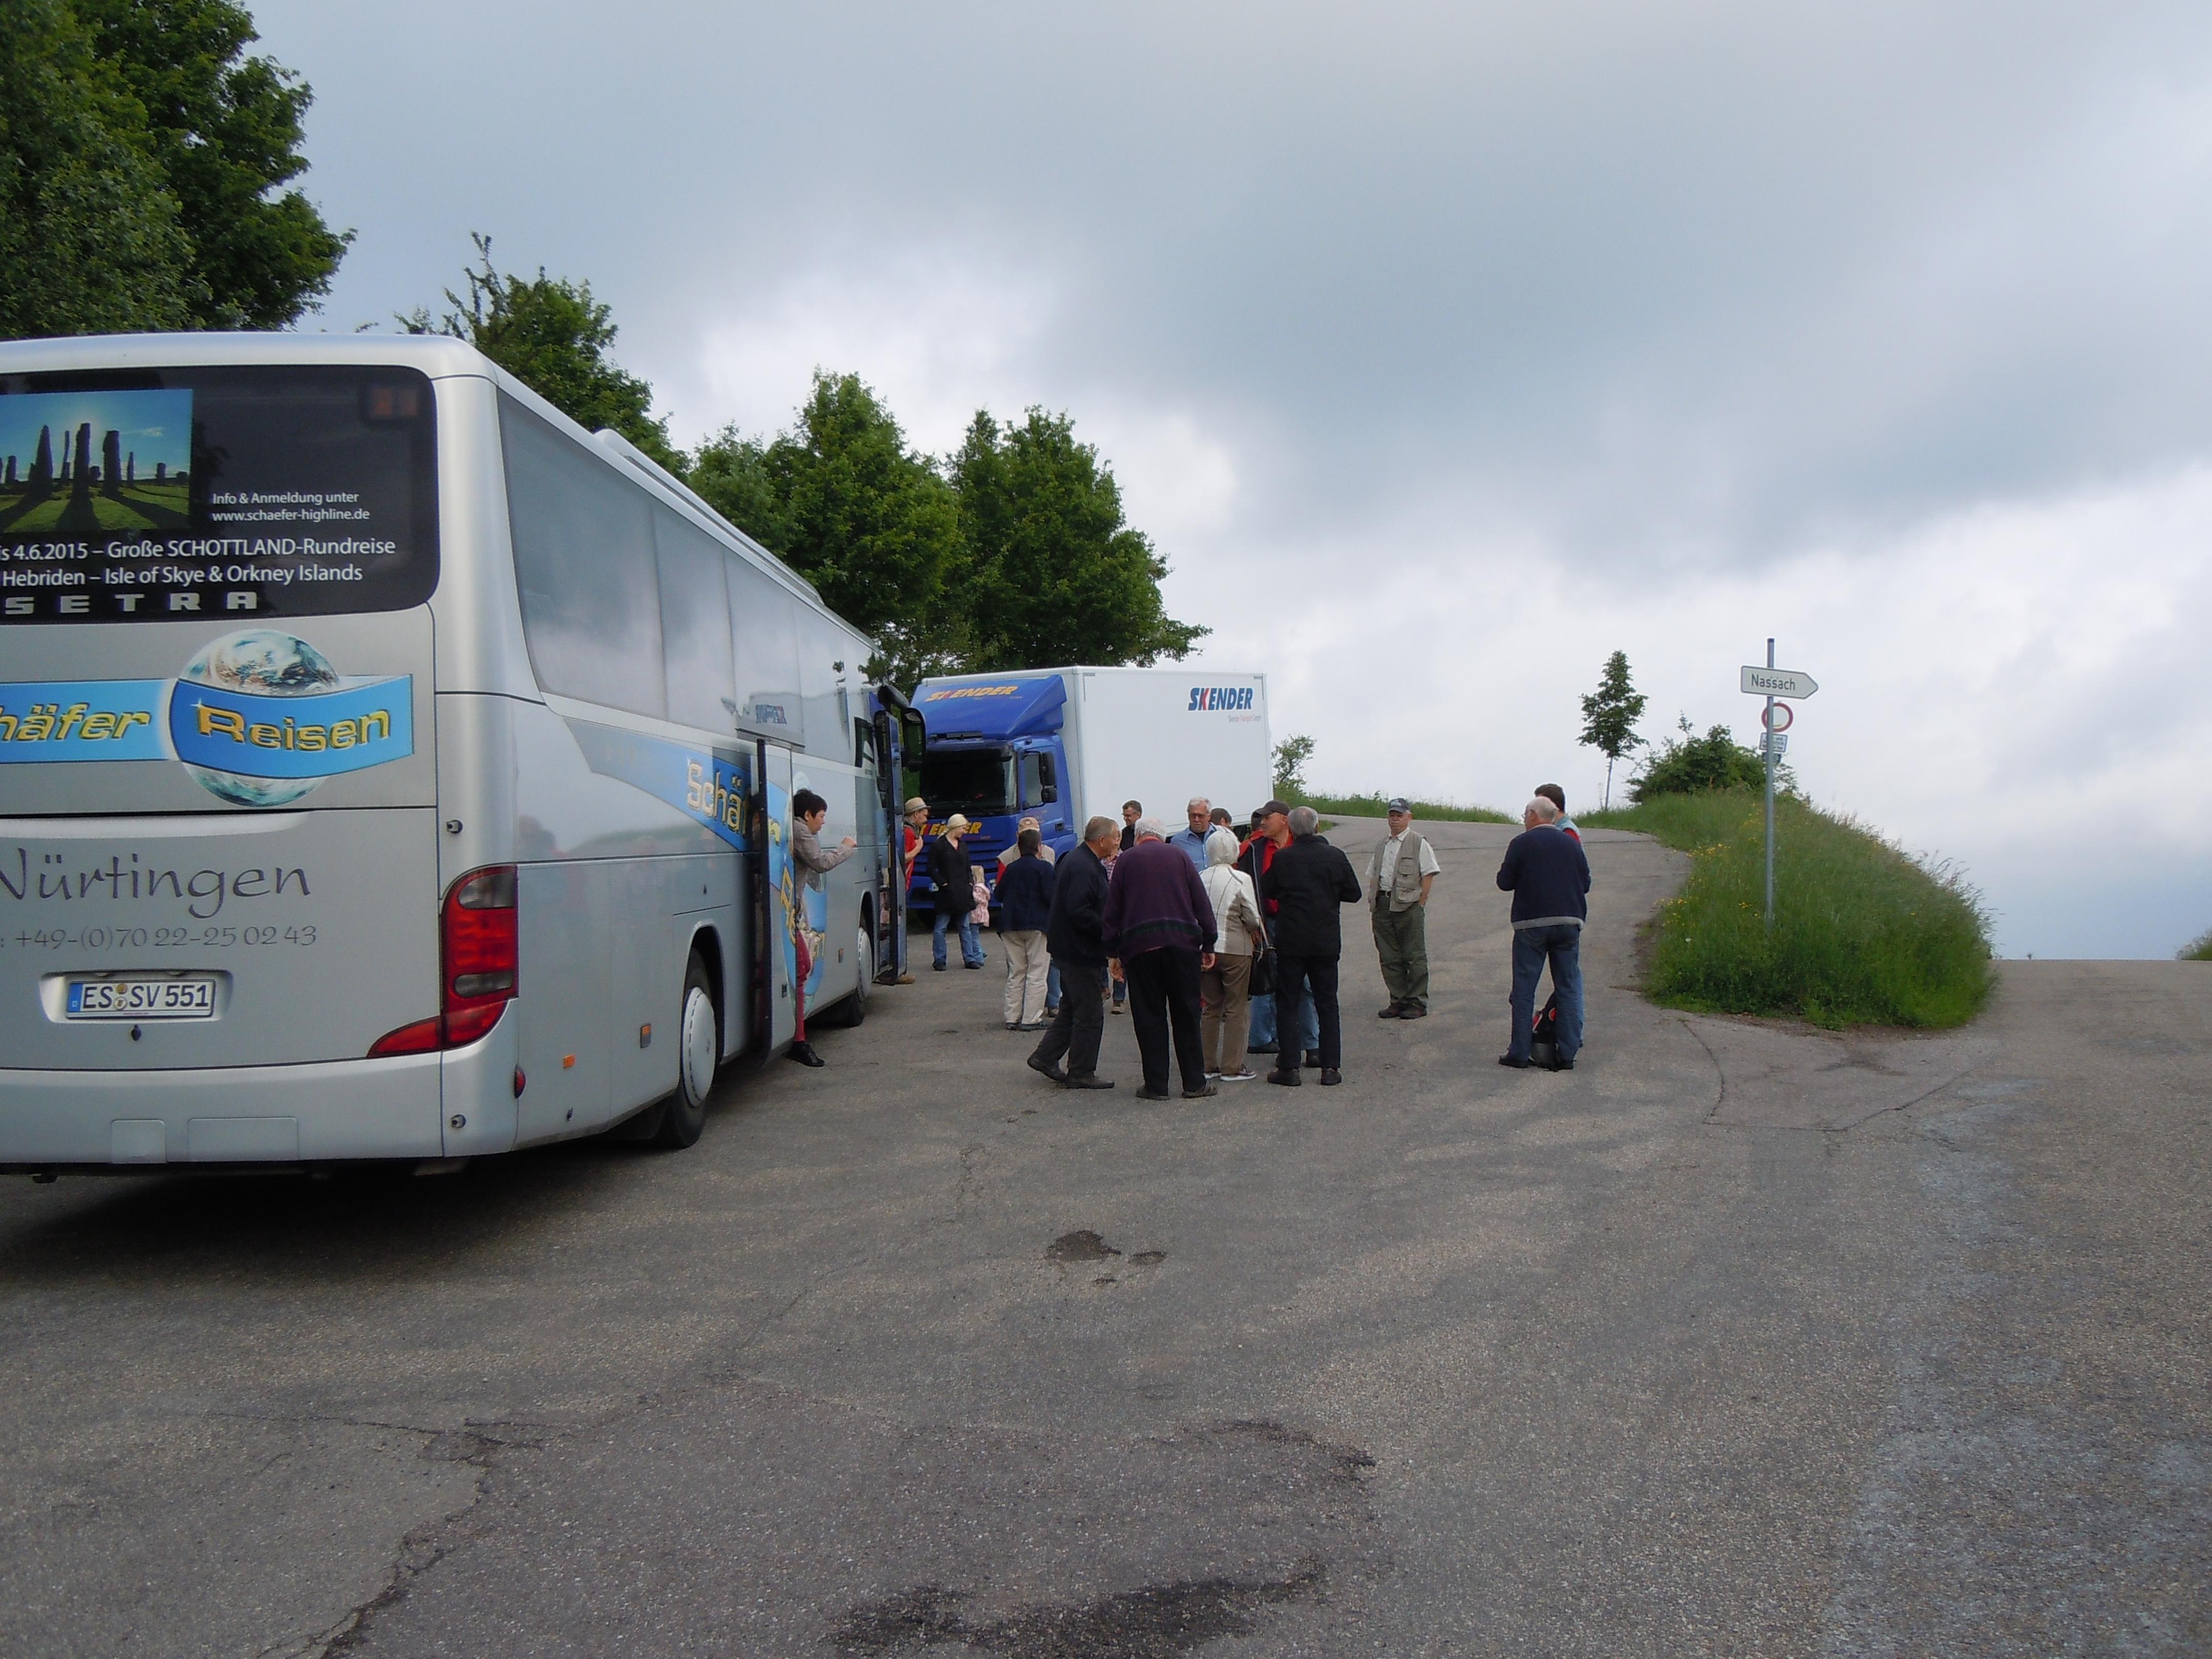 Ausflug Liederkranz Schlaitdorf nach Reisach 17.05.15 001